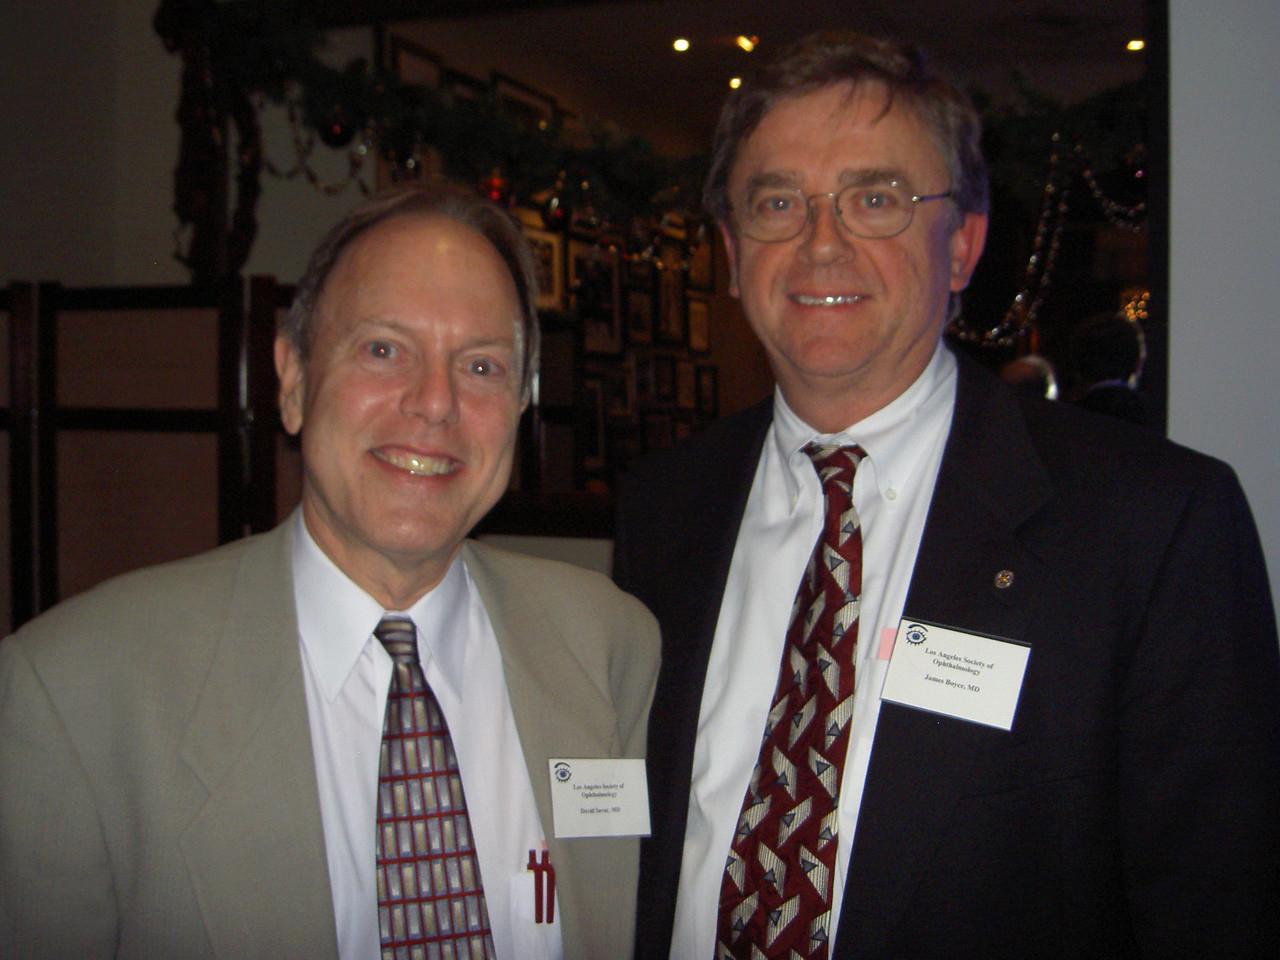 0303 David Savar & Jim Boyce